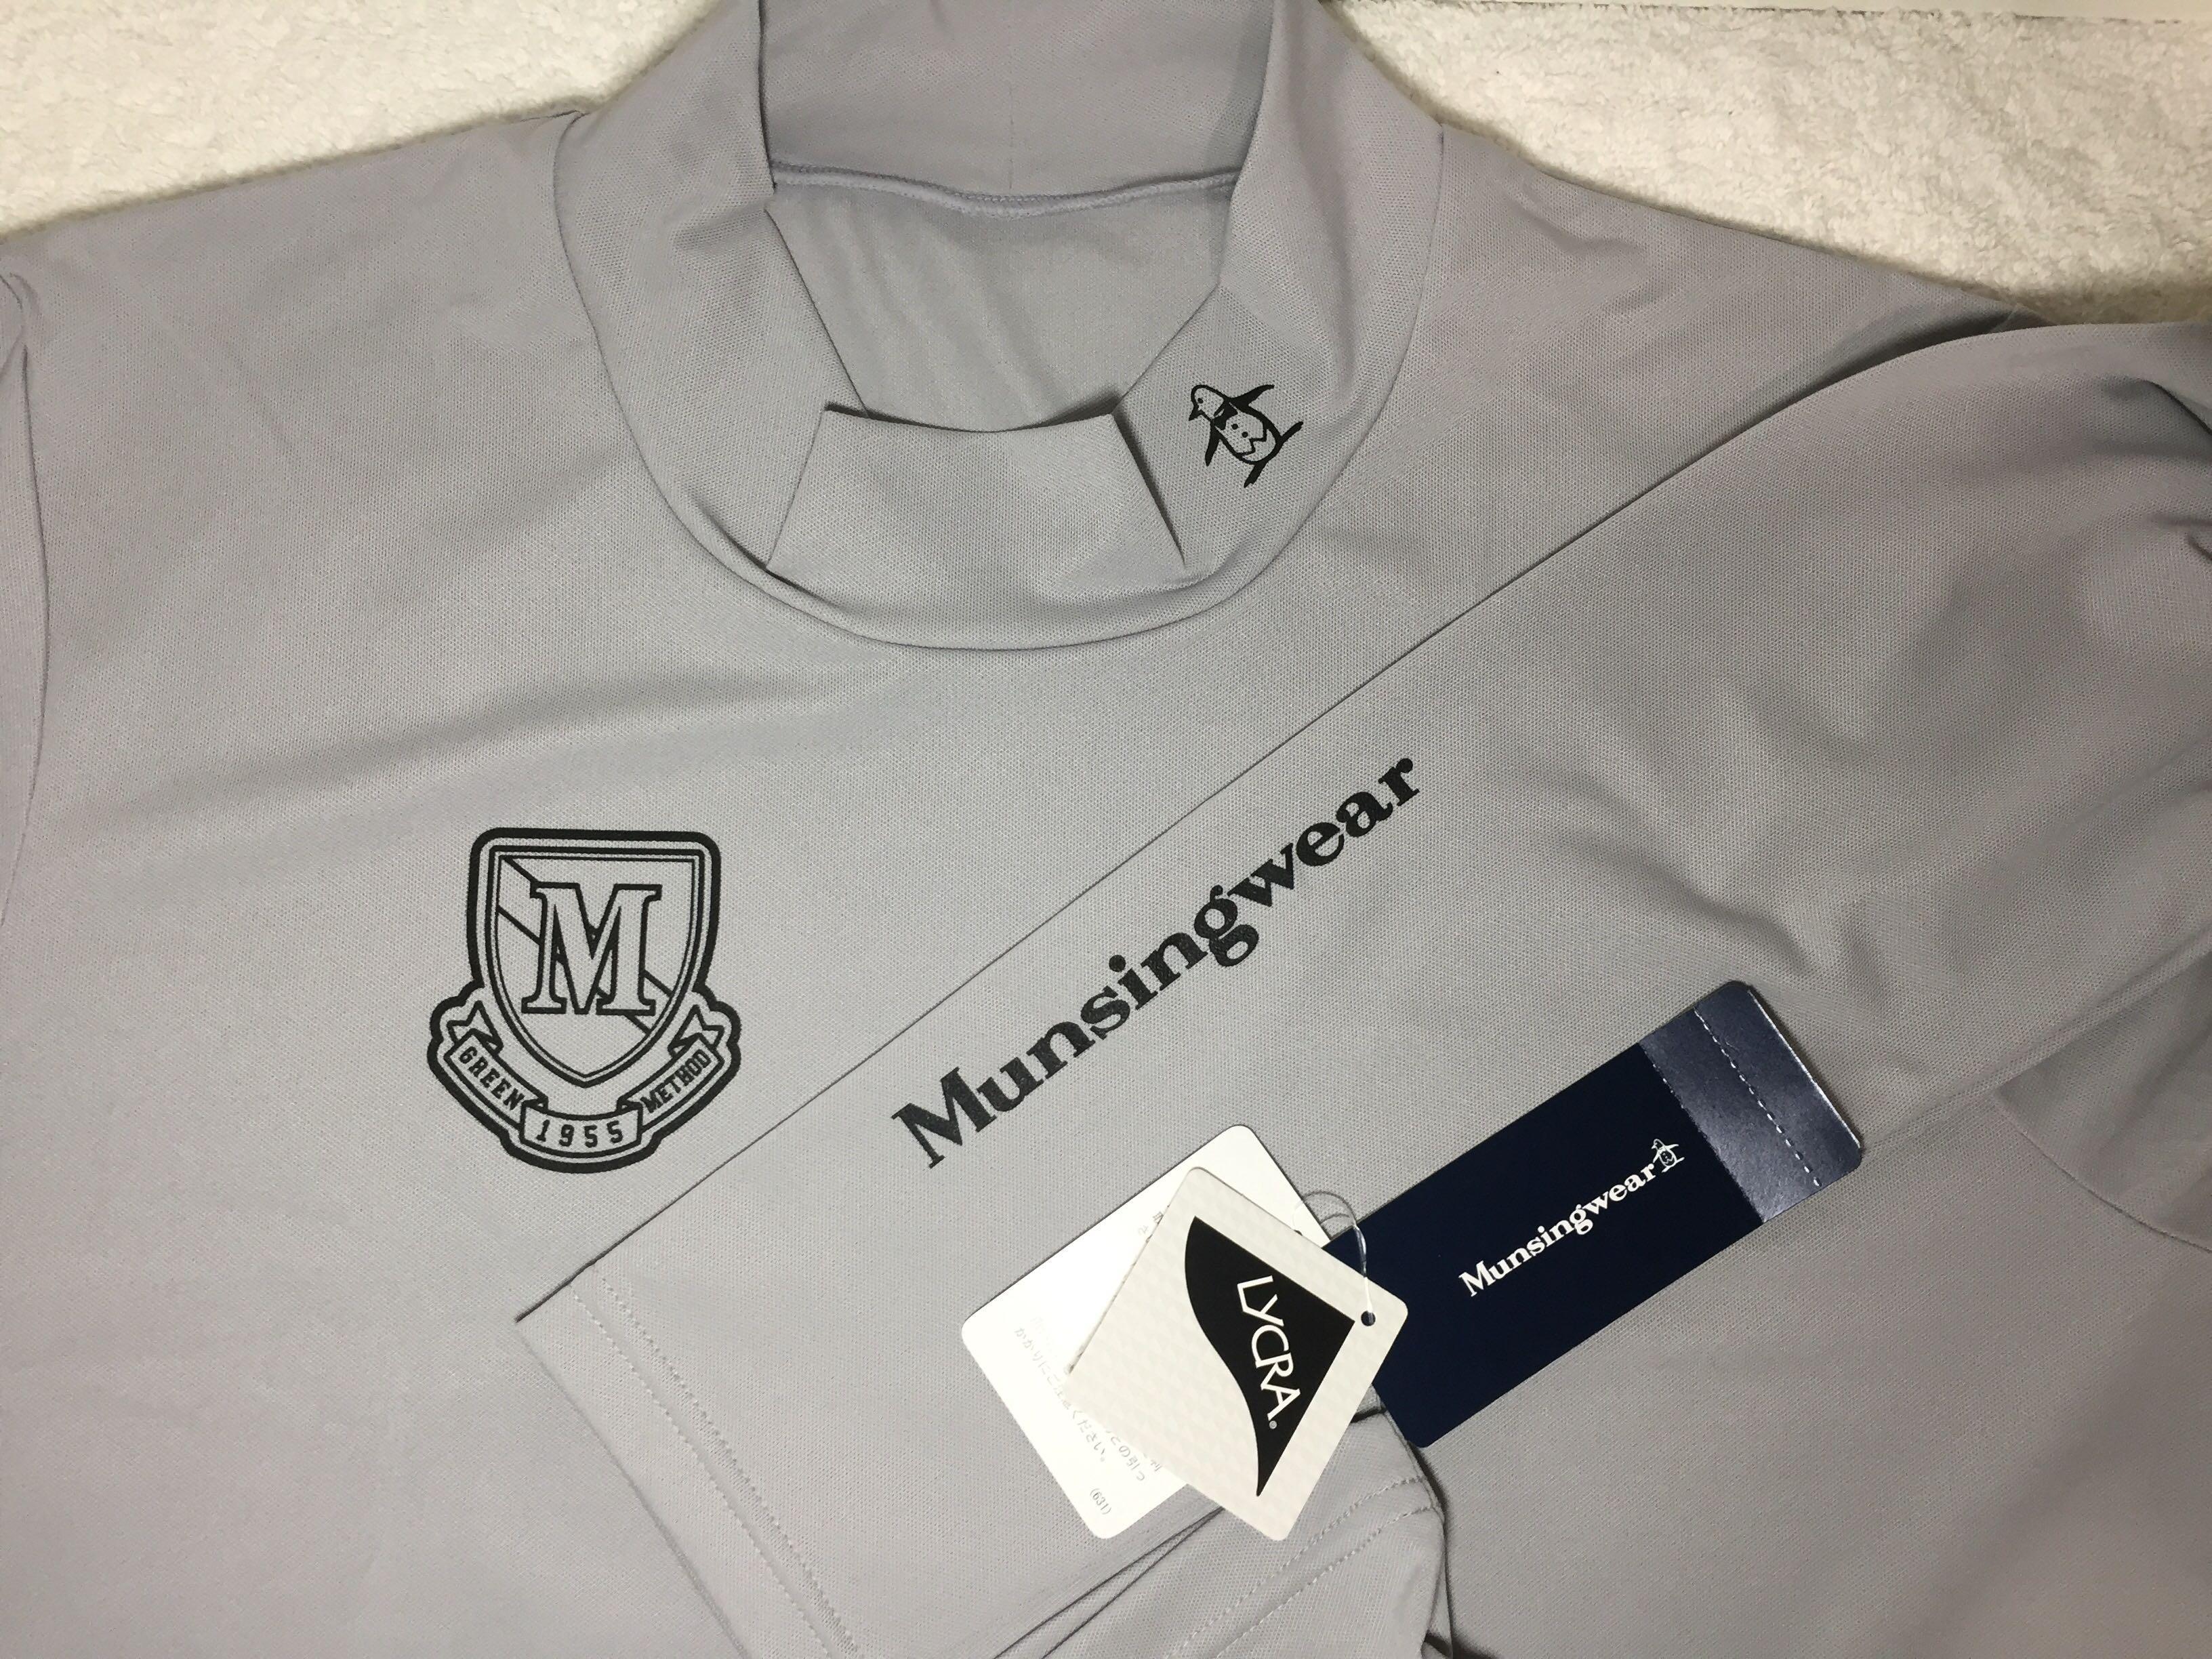 Munsingwear longsleeve underwear - Authentic